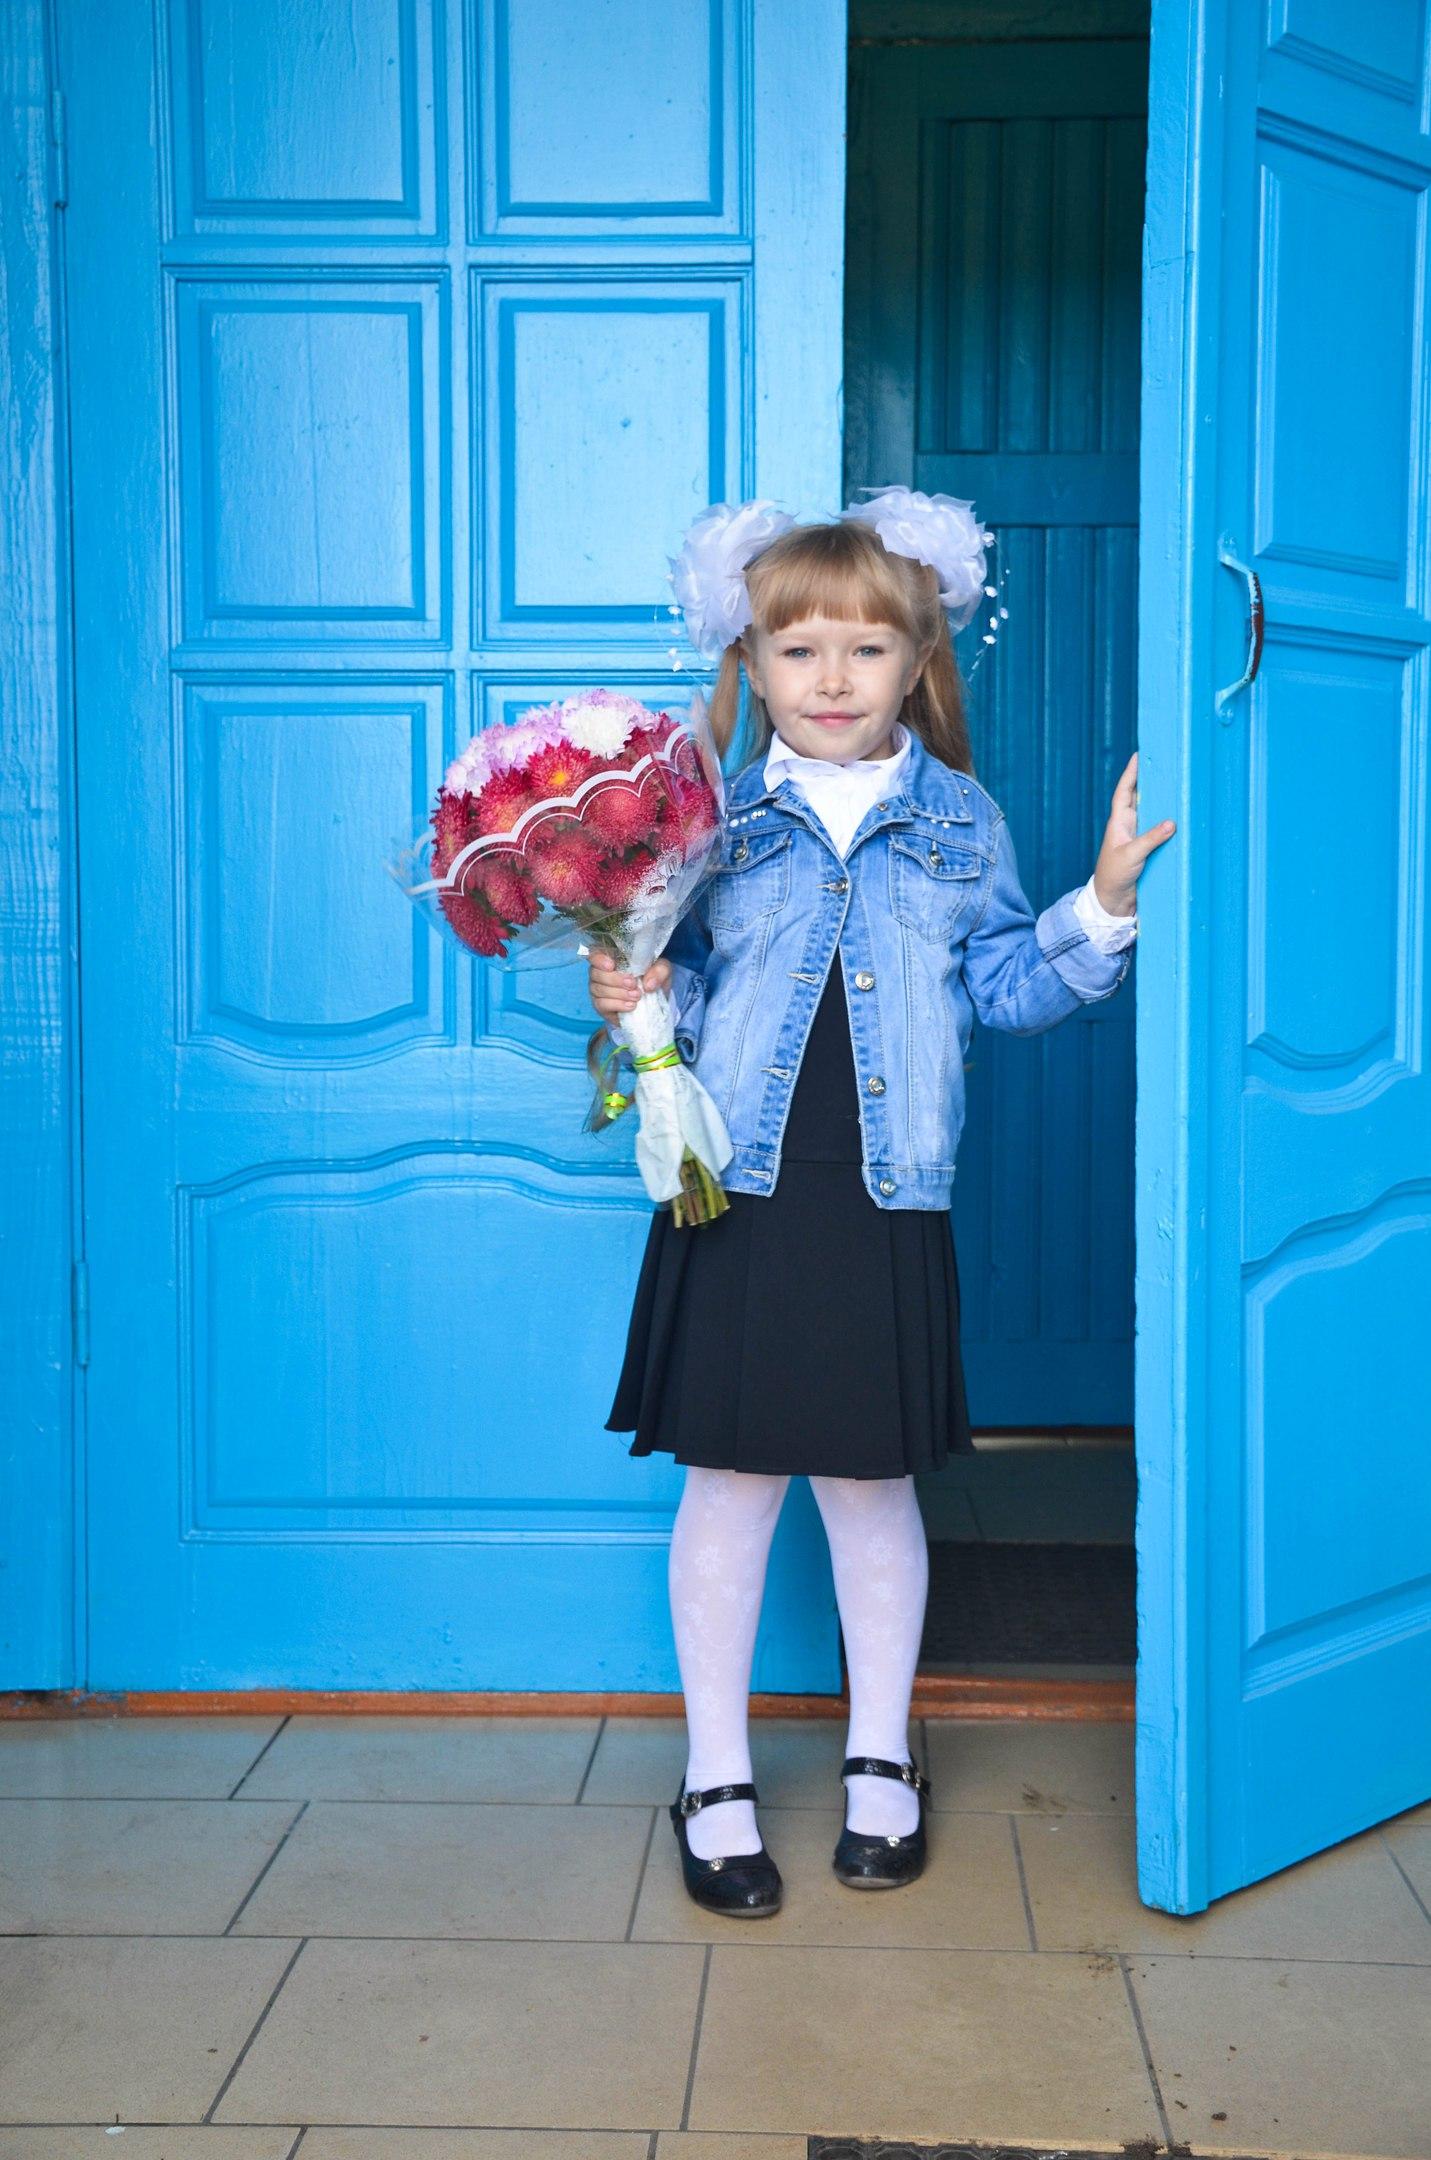 Двери яркой школы открылись для ярких открытий!. Здравствуй, школа!